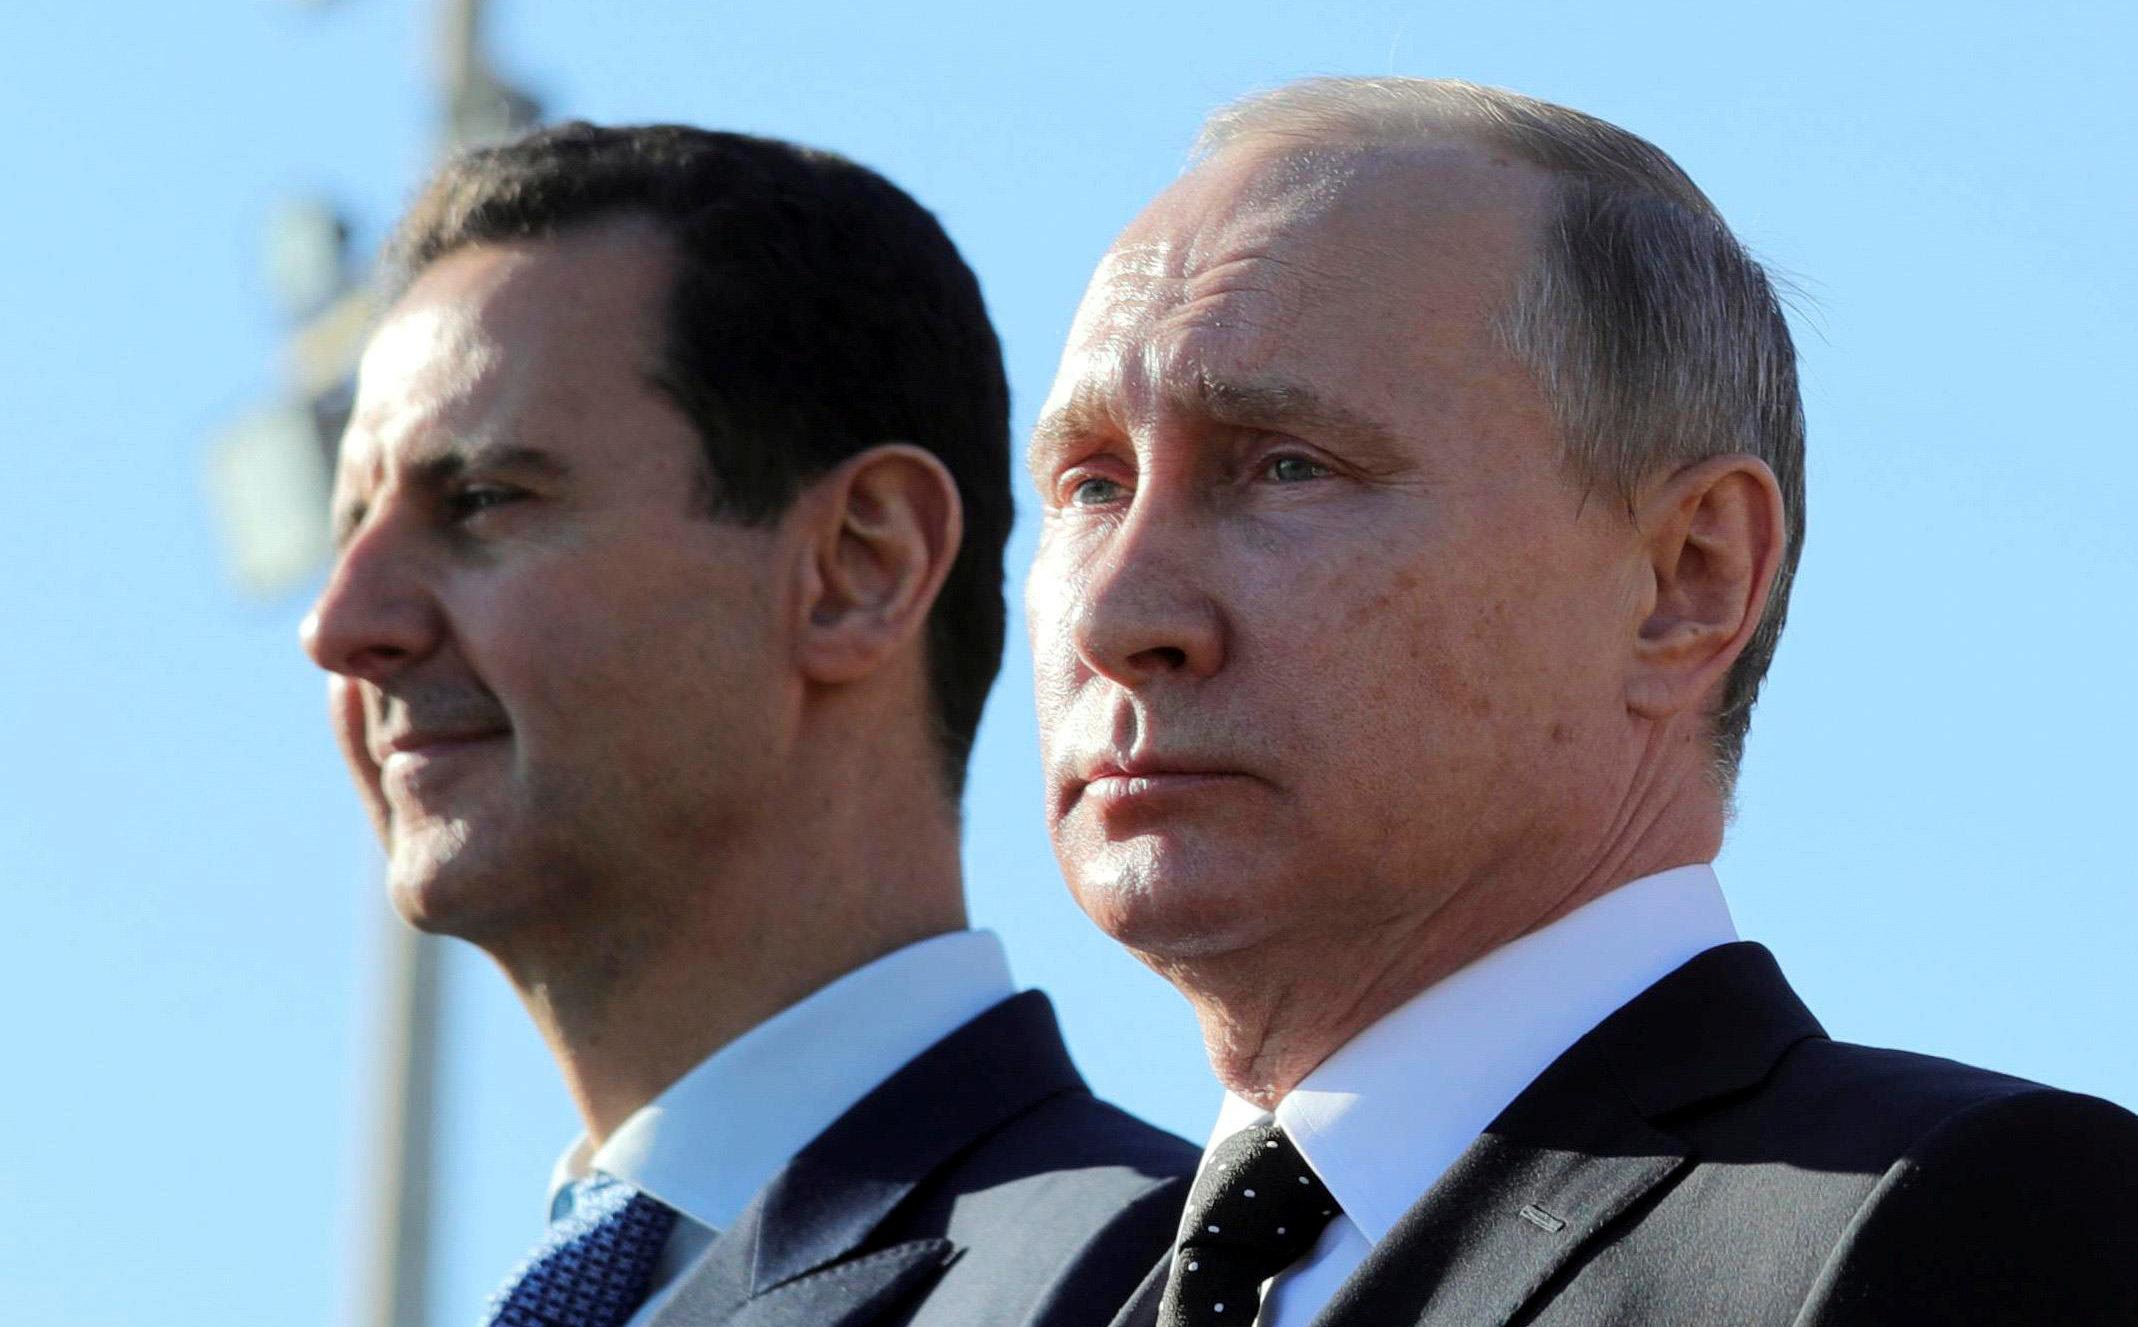 Συρία: Ποιοι είναι οι ξένοι υποστηρικτές του